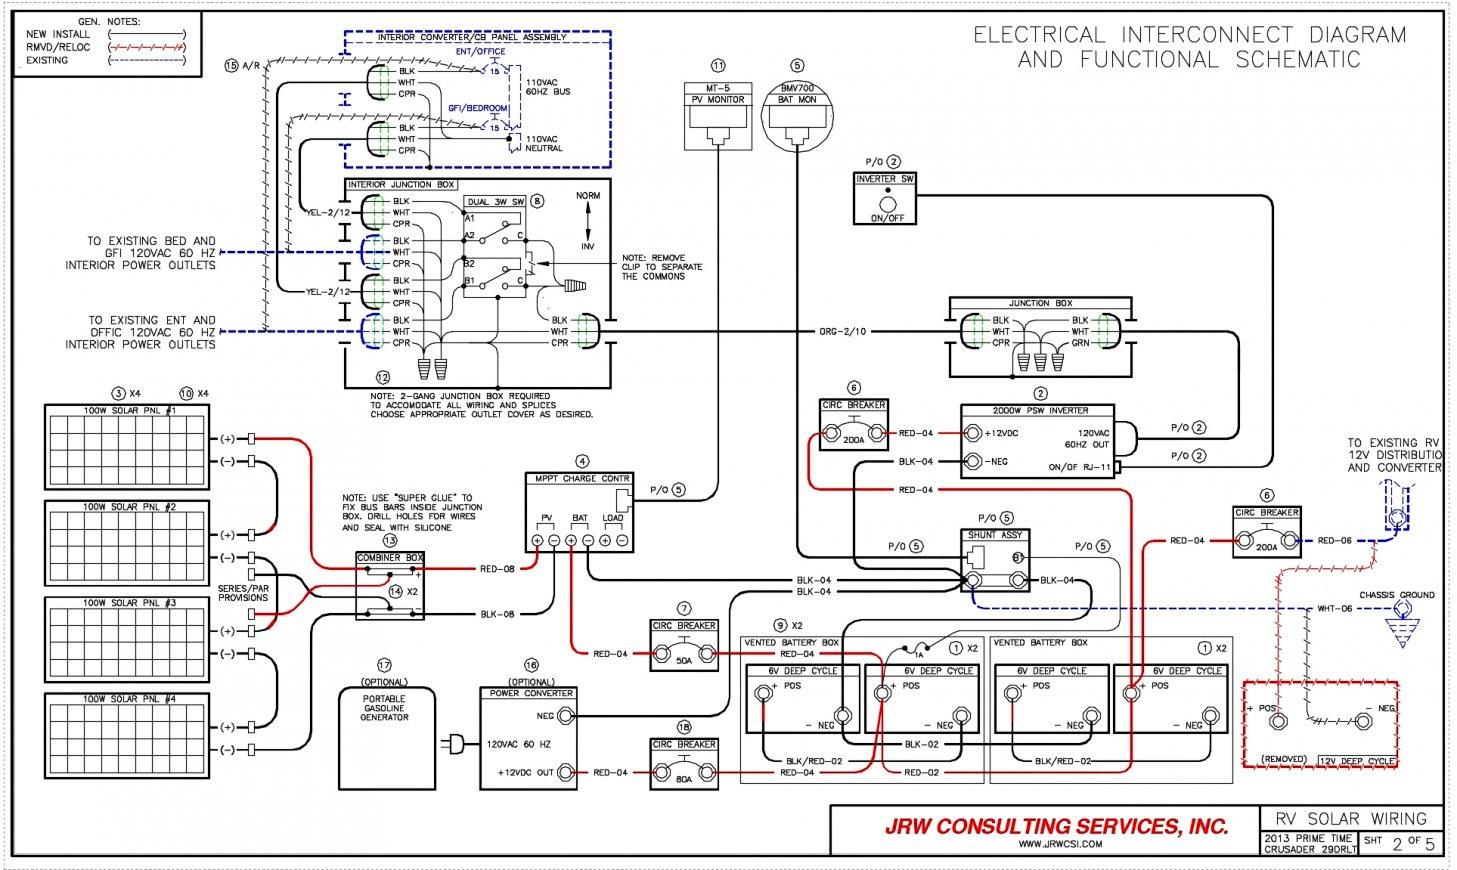 Aircraft Wiring Diagram Rv | Manual E-Books - Rv Wiring Diagram